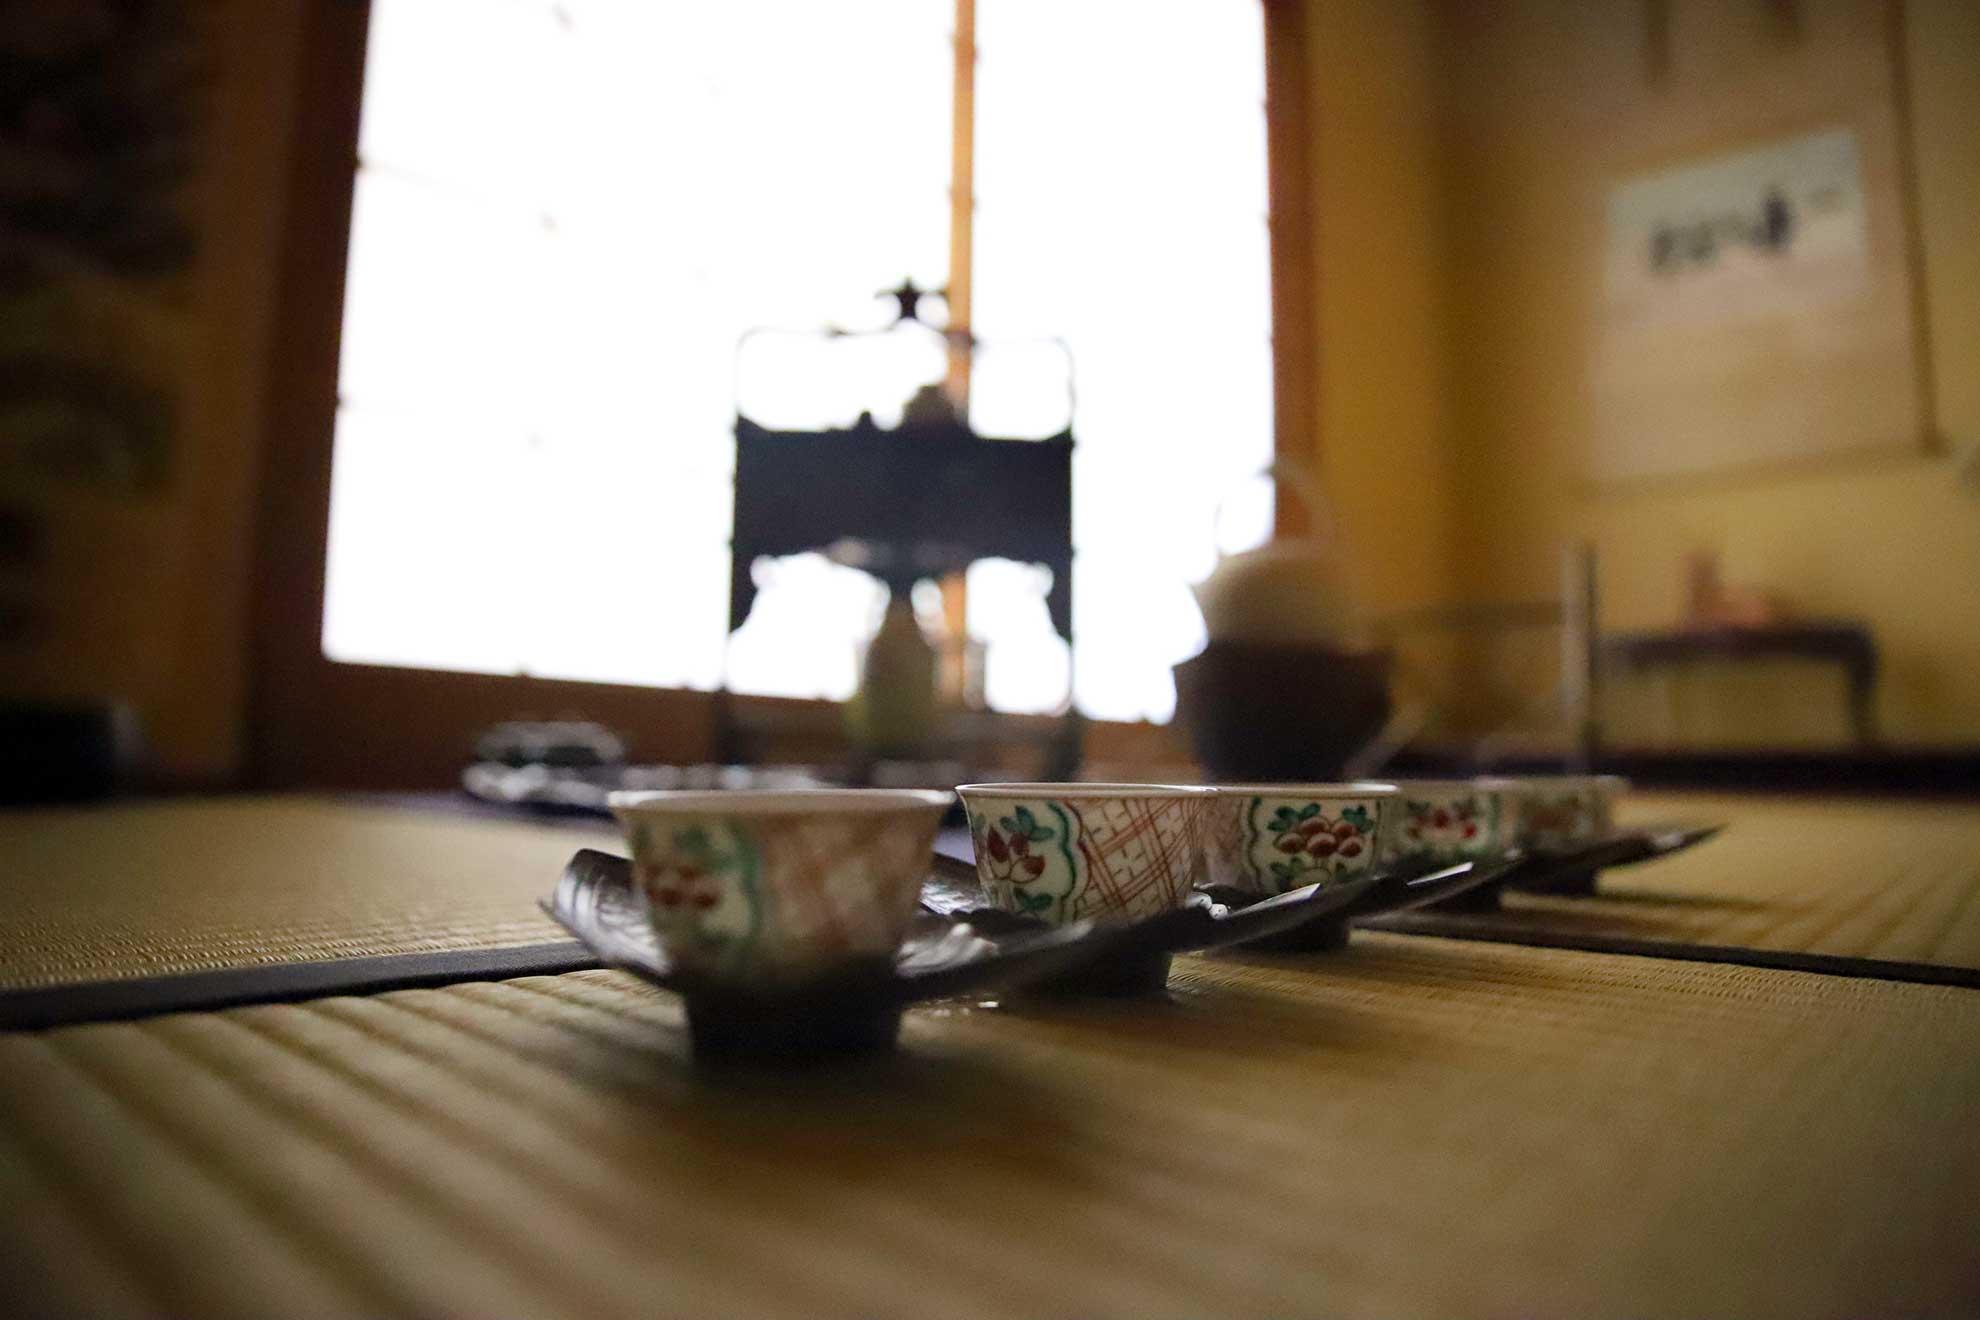 奈良 nara 隠れ家 三五夜 茶道 煎茶道 茶の湯 お茶 煎茶道体験 煎茶体験 お稽古 習い事